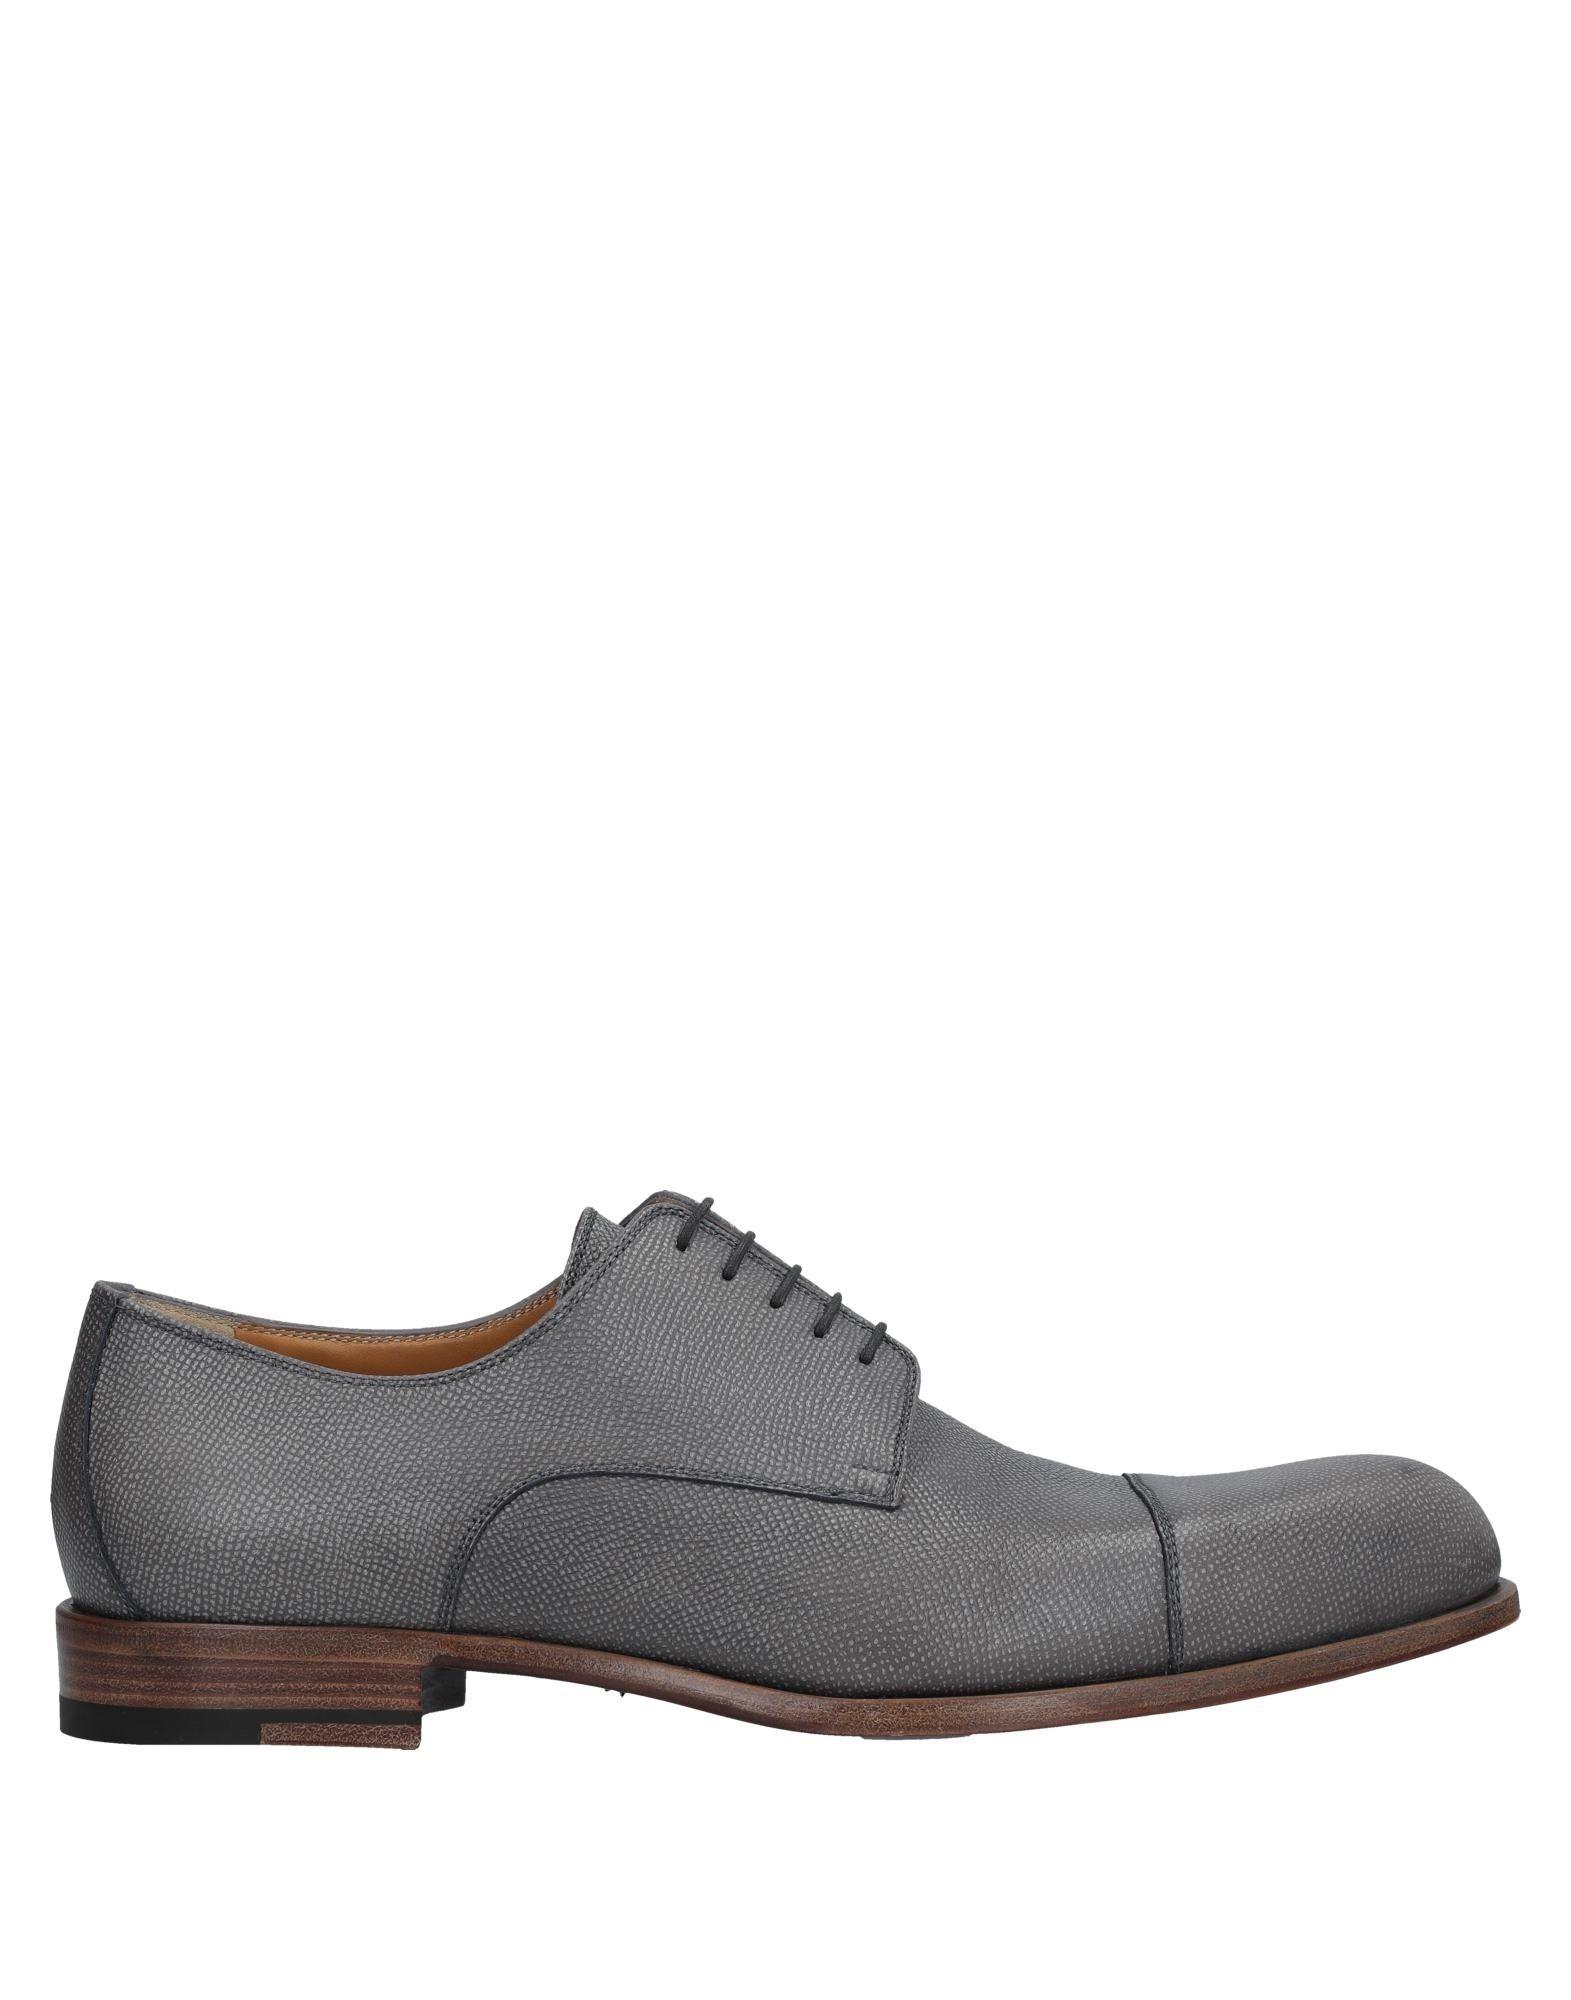 A.Testoni Schnürschuhe Herren  11540291MI Gute Qualität beliebte Schuhe